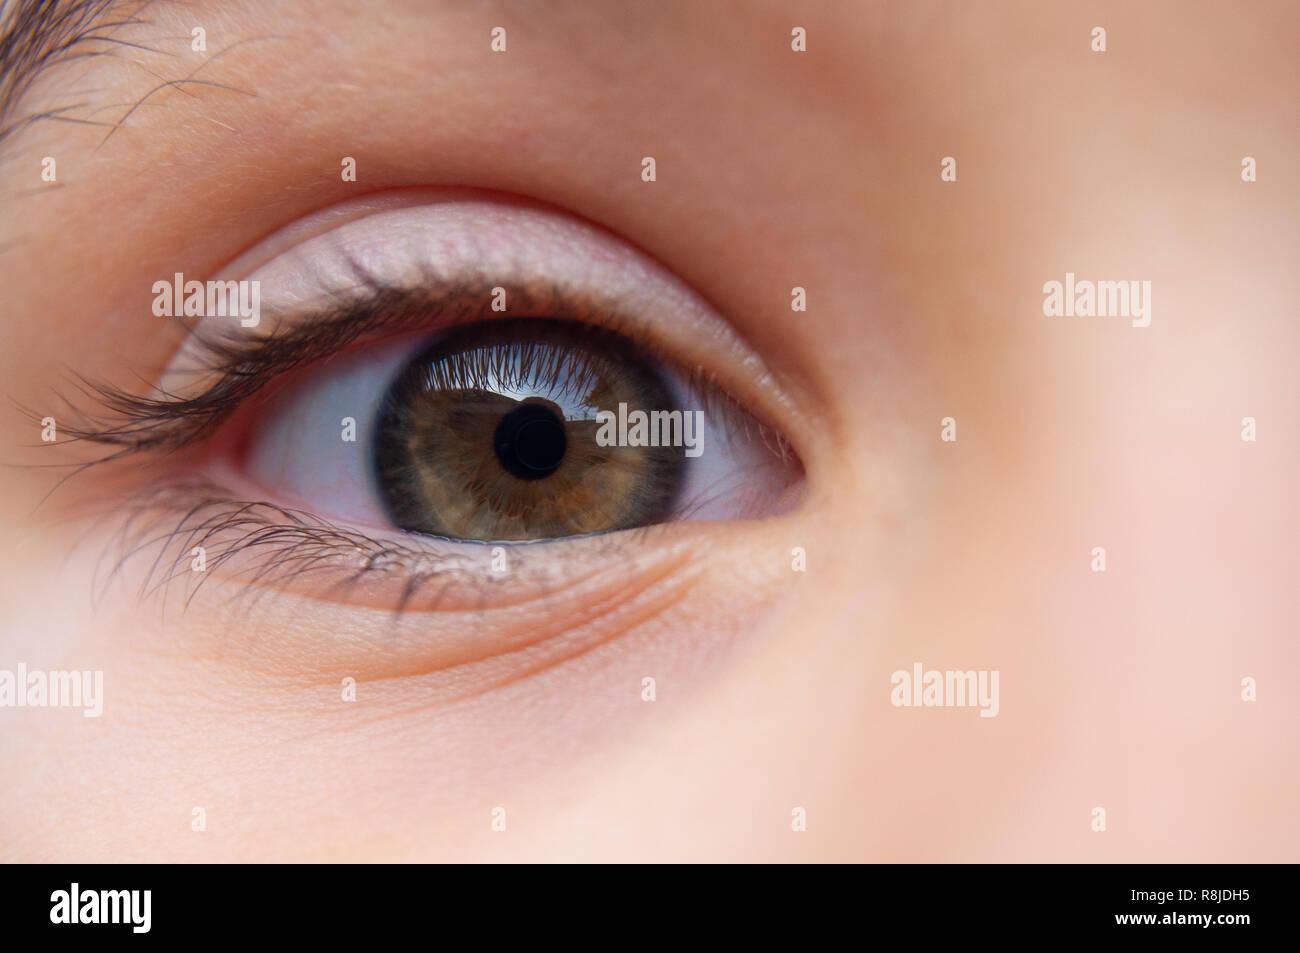 Eye on you. Look into my eye - Stock Image